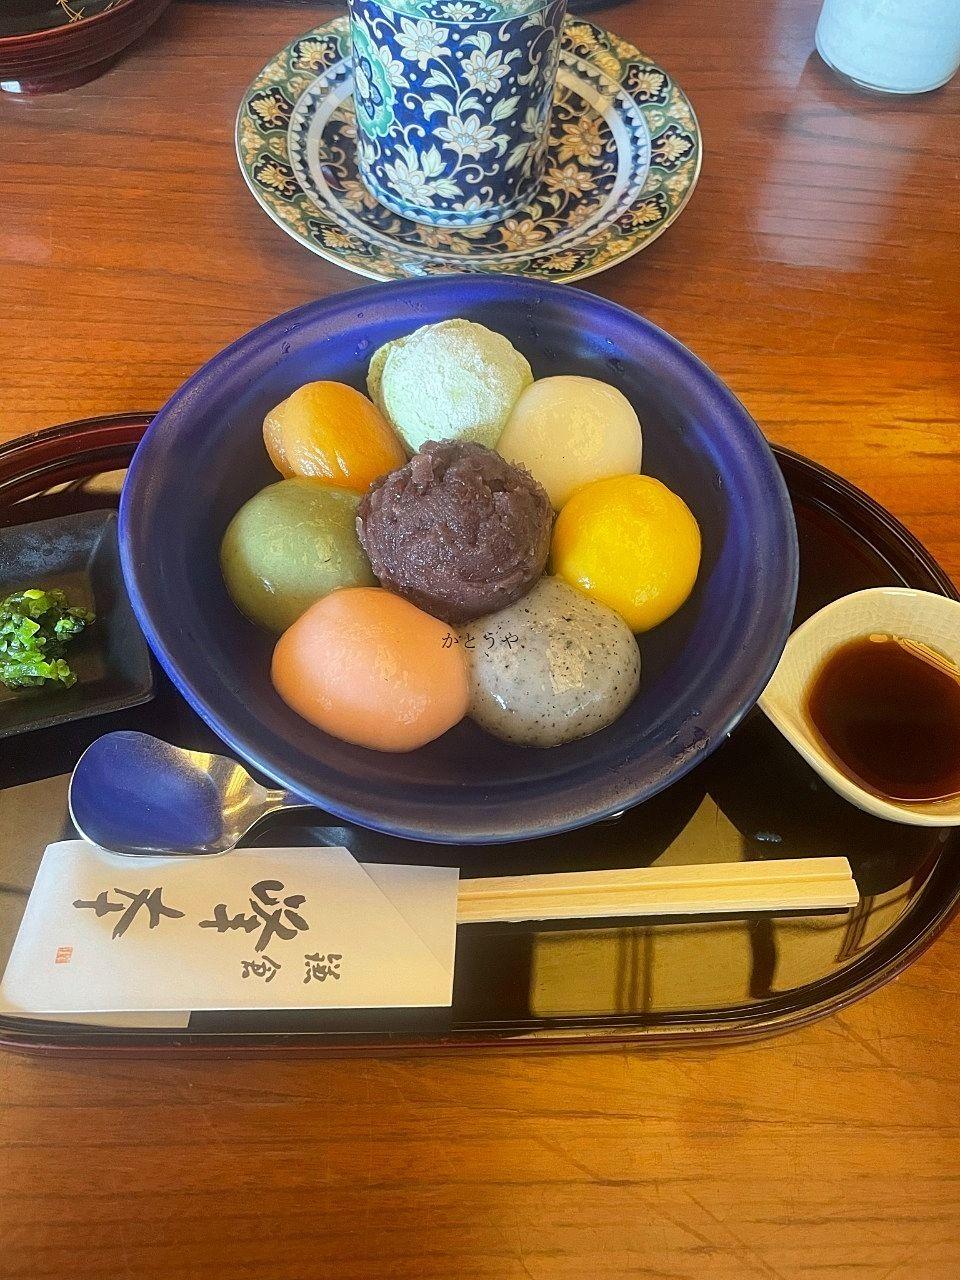 流山セントラルパーク徒歩1分の不動産店Kato-ya(かとうや)が鎌倉に行きました。